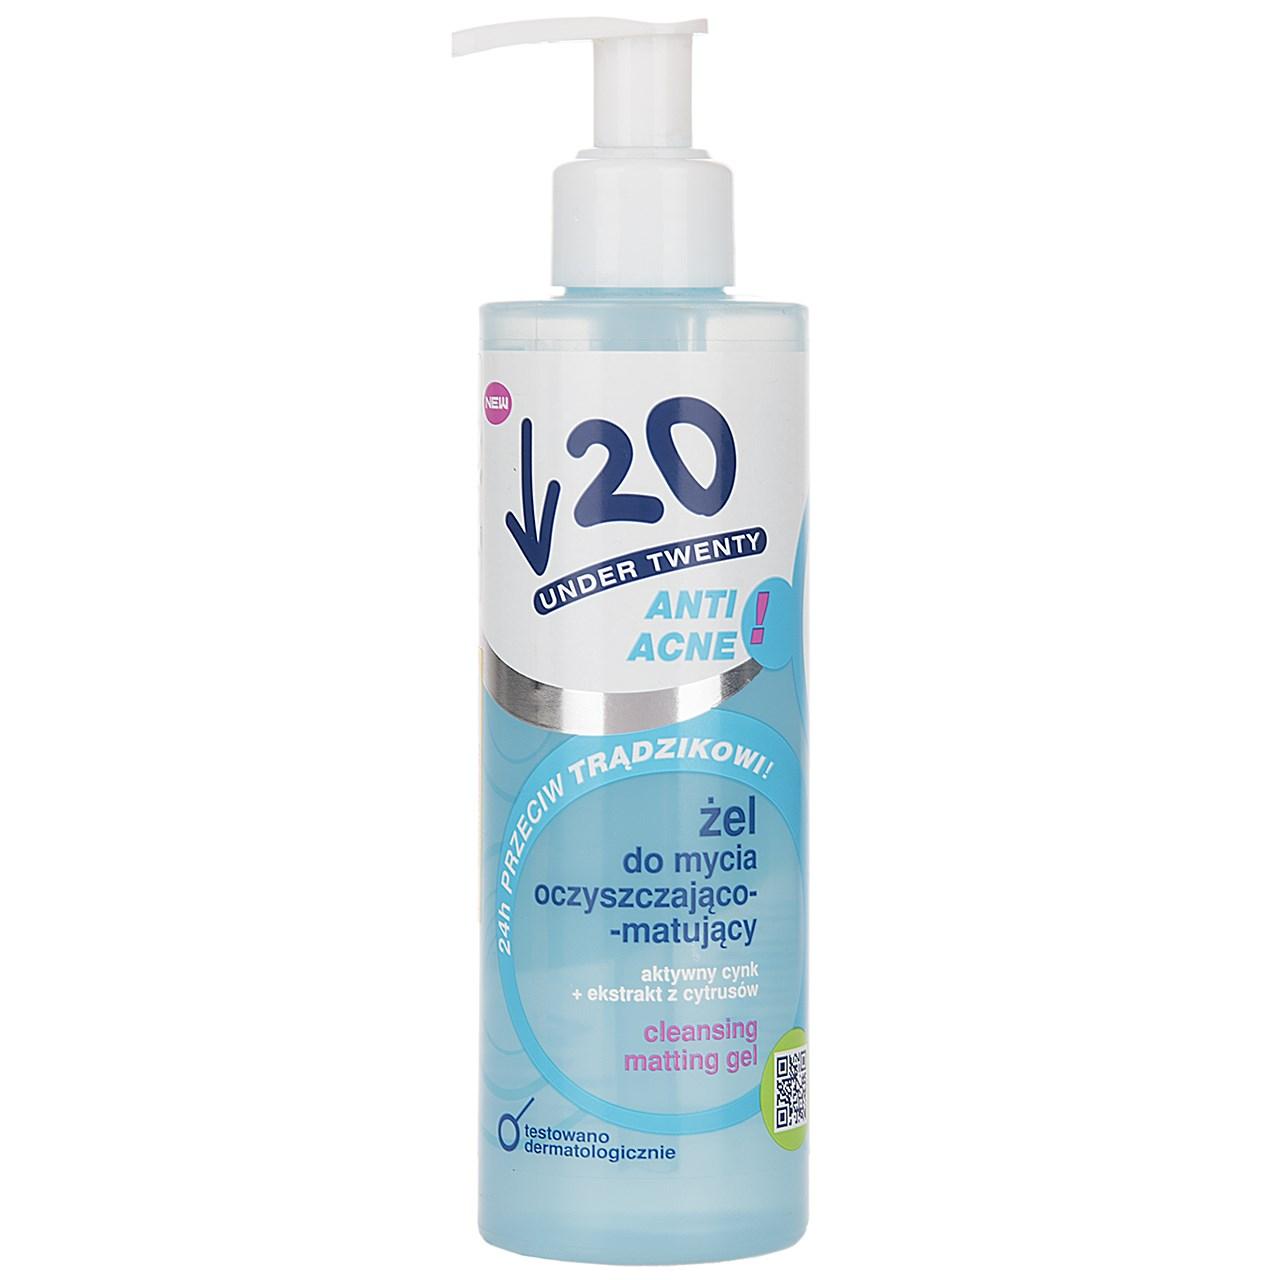 قیمت ژل پاک کننده و مات کننده آندر 20 سری Anti Acne حجم 200 میلی لیتر